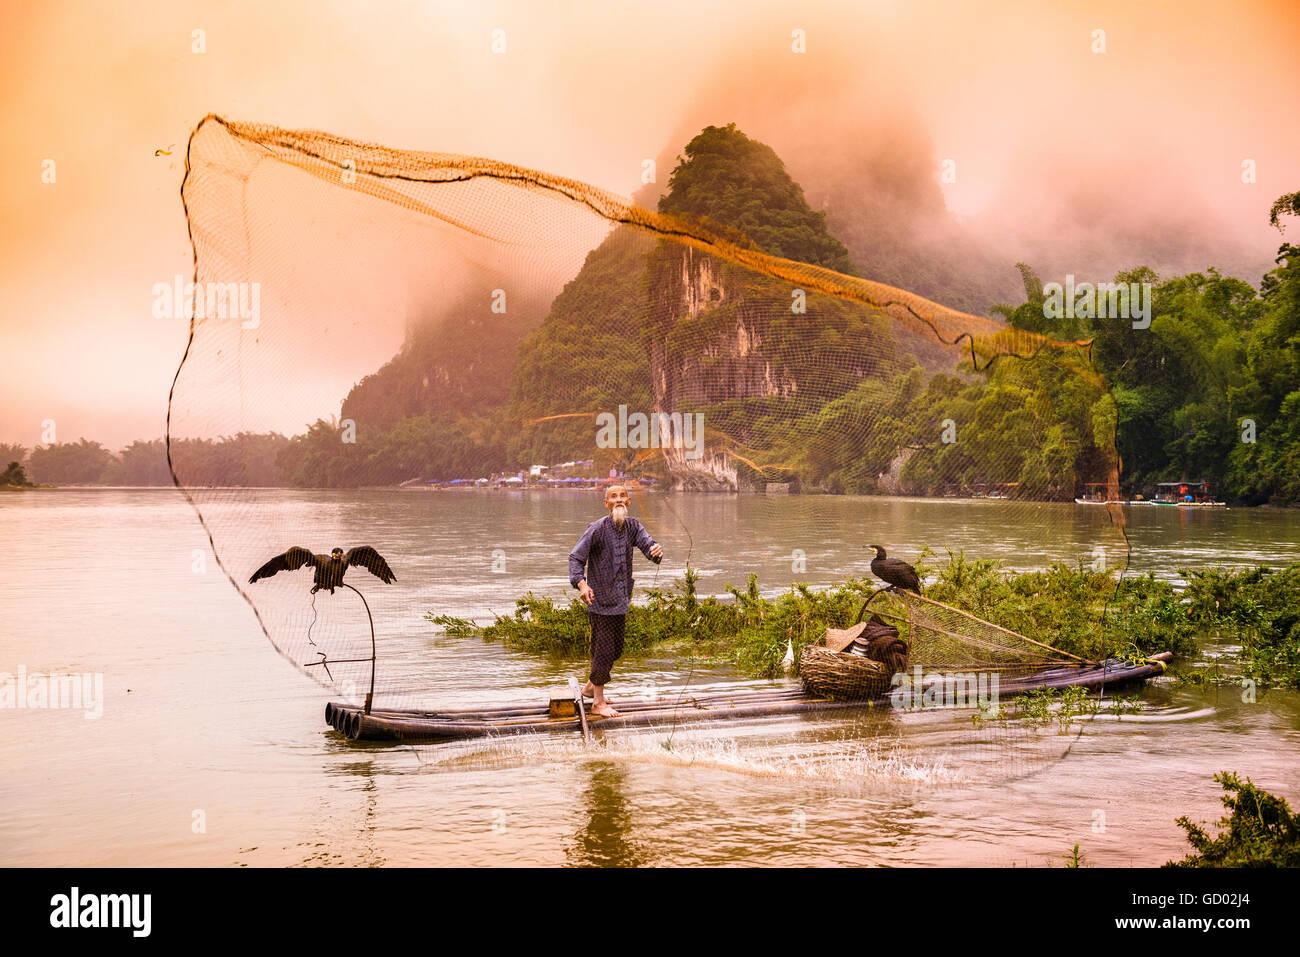 Cinese tradizionale cormorano pescatore getta un netto sul Fiume Li di Yangshuo, Cina. Immagini Stock